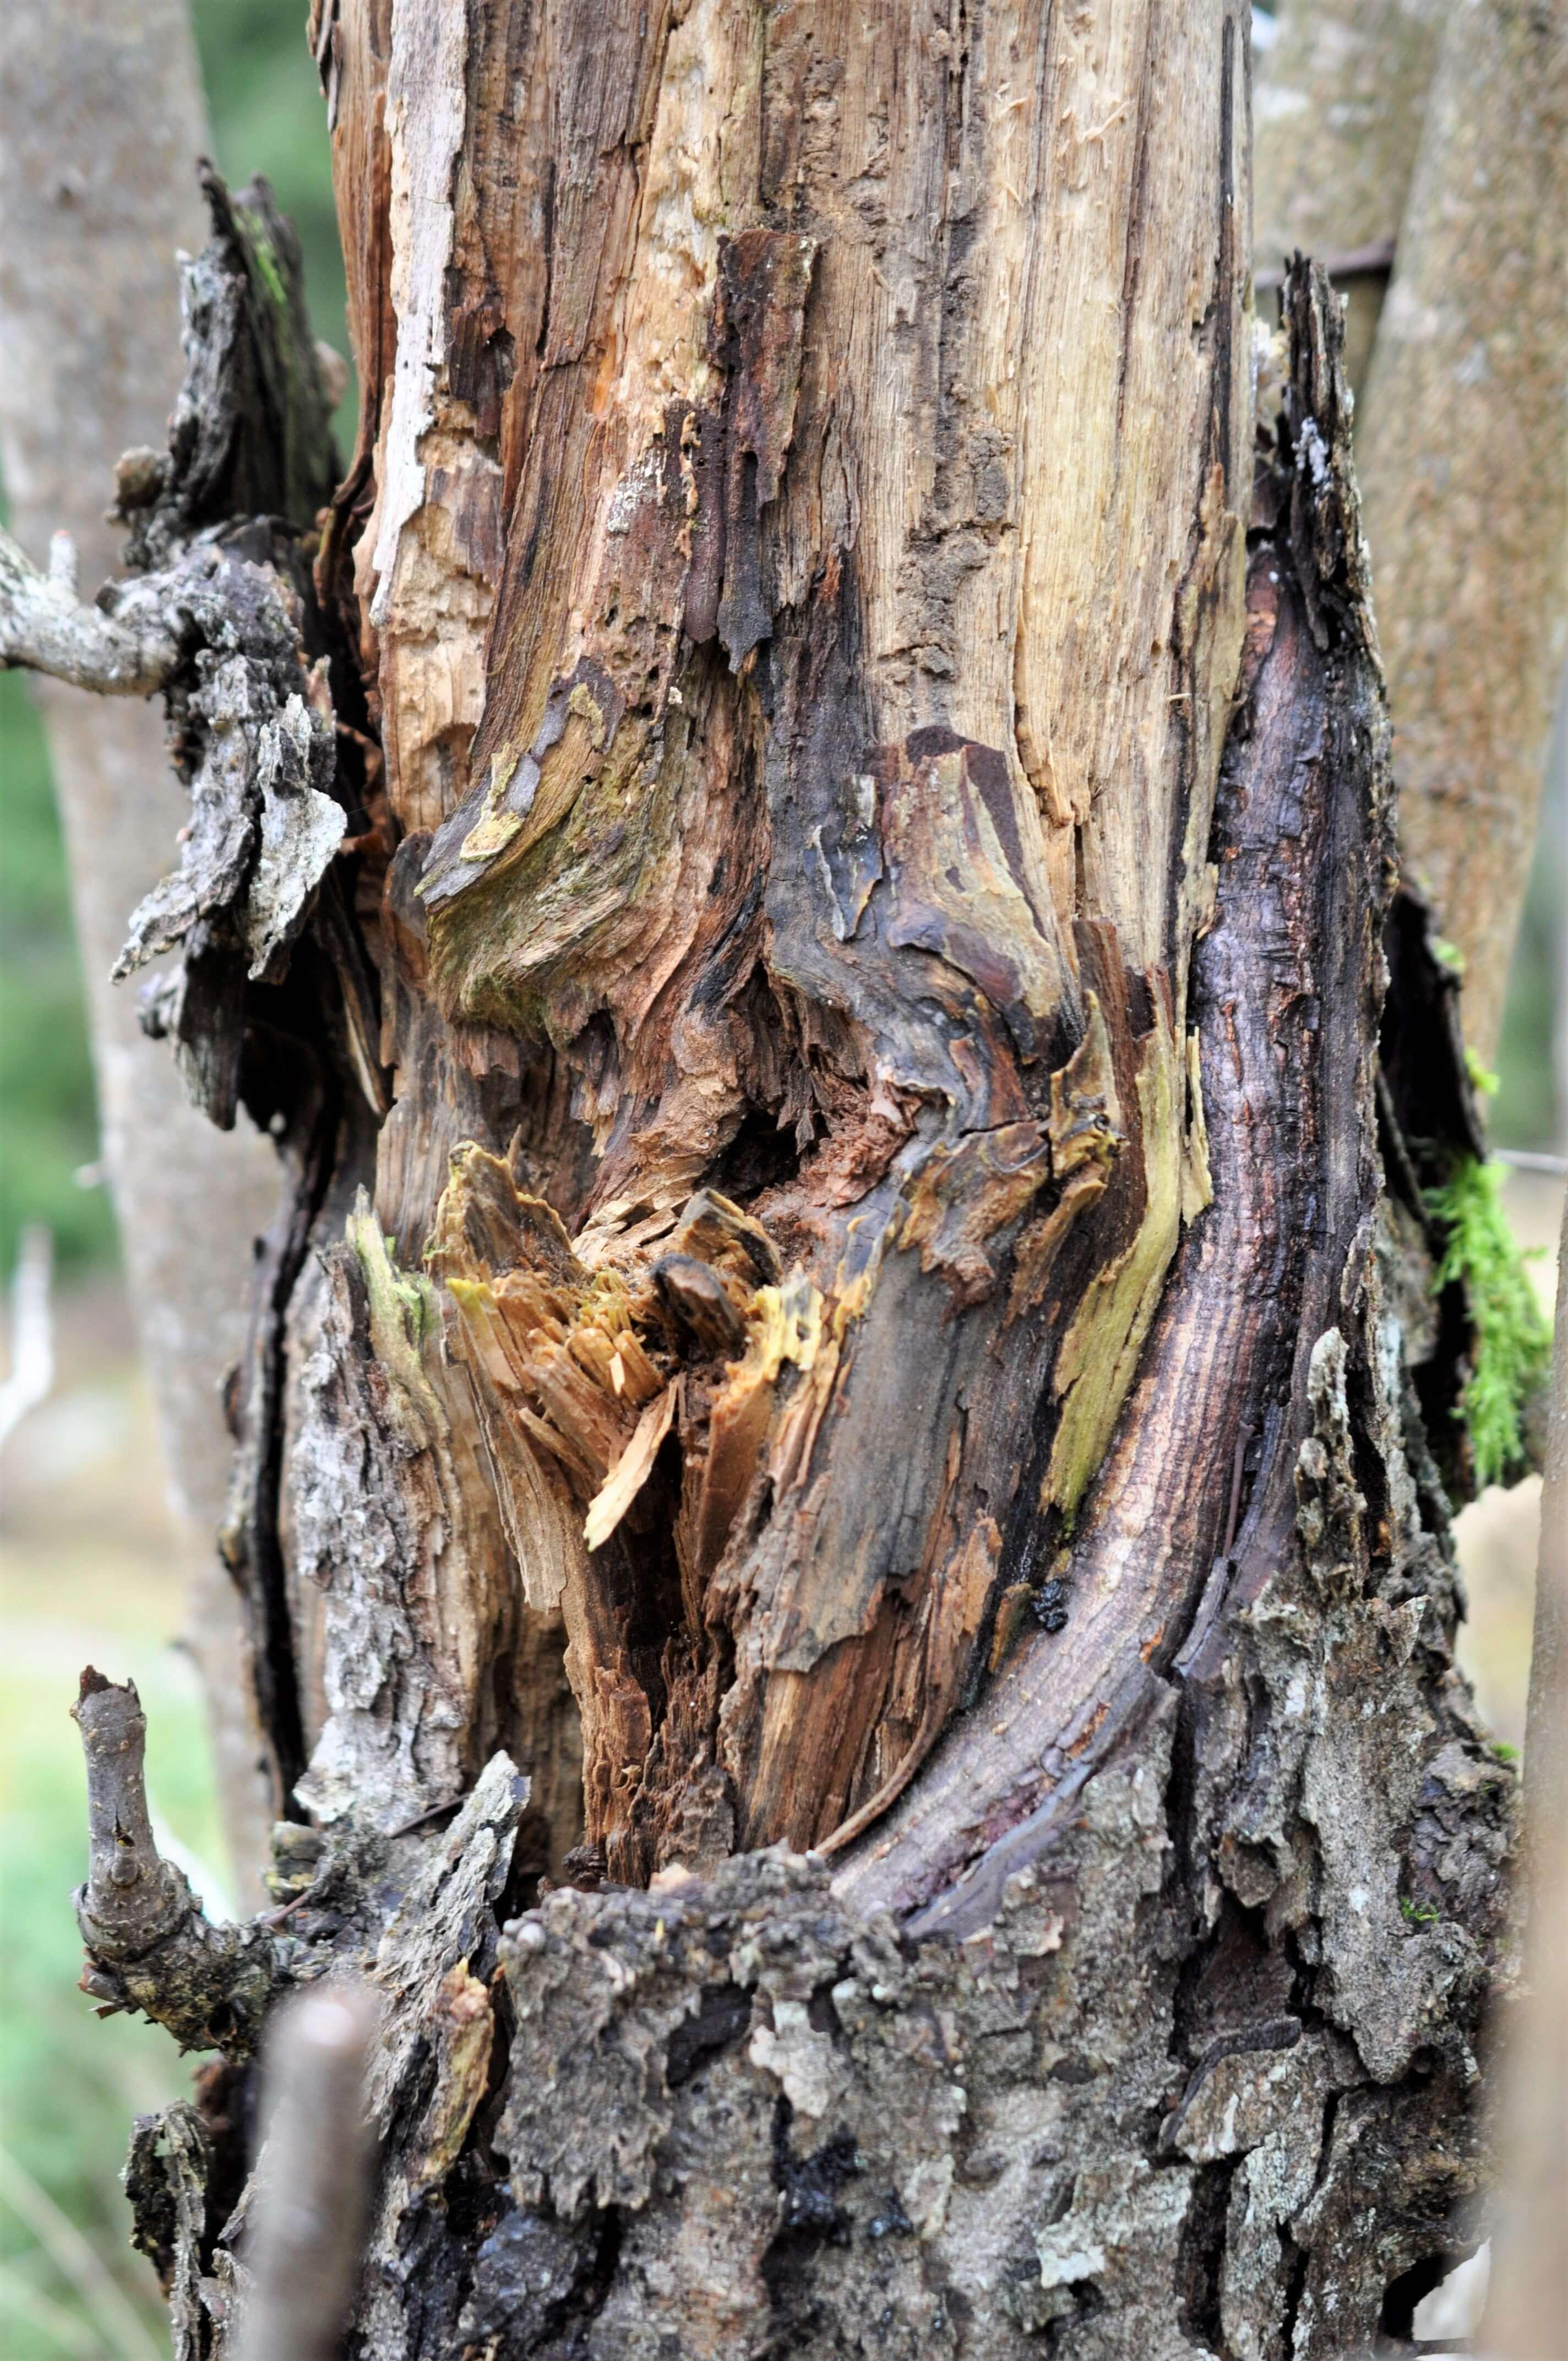 håligt, halvmurket träd med bark som lossnat